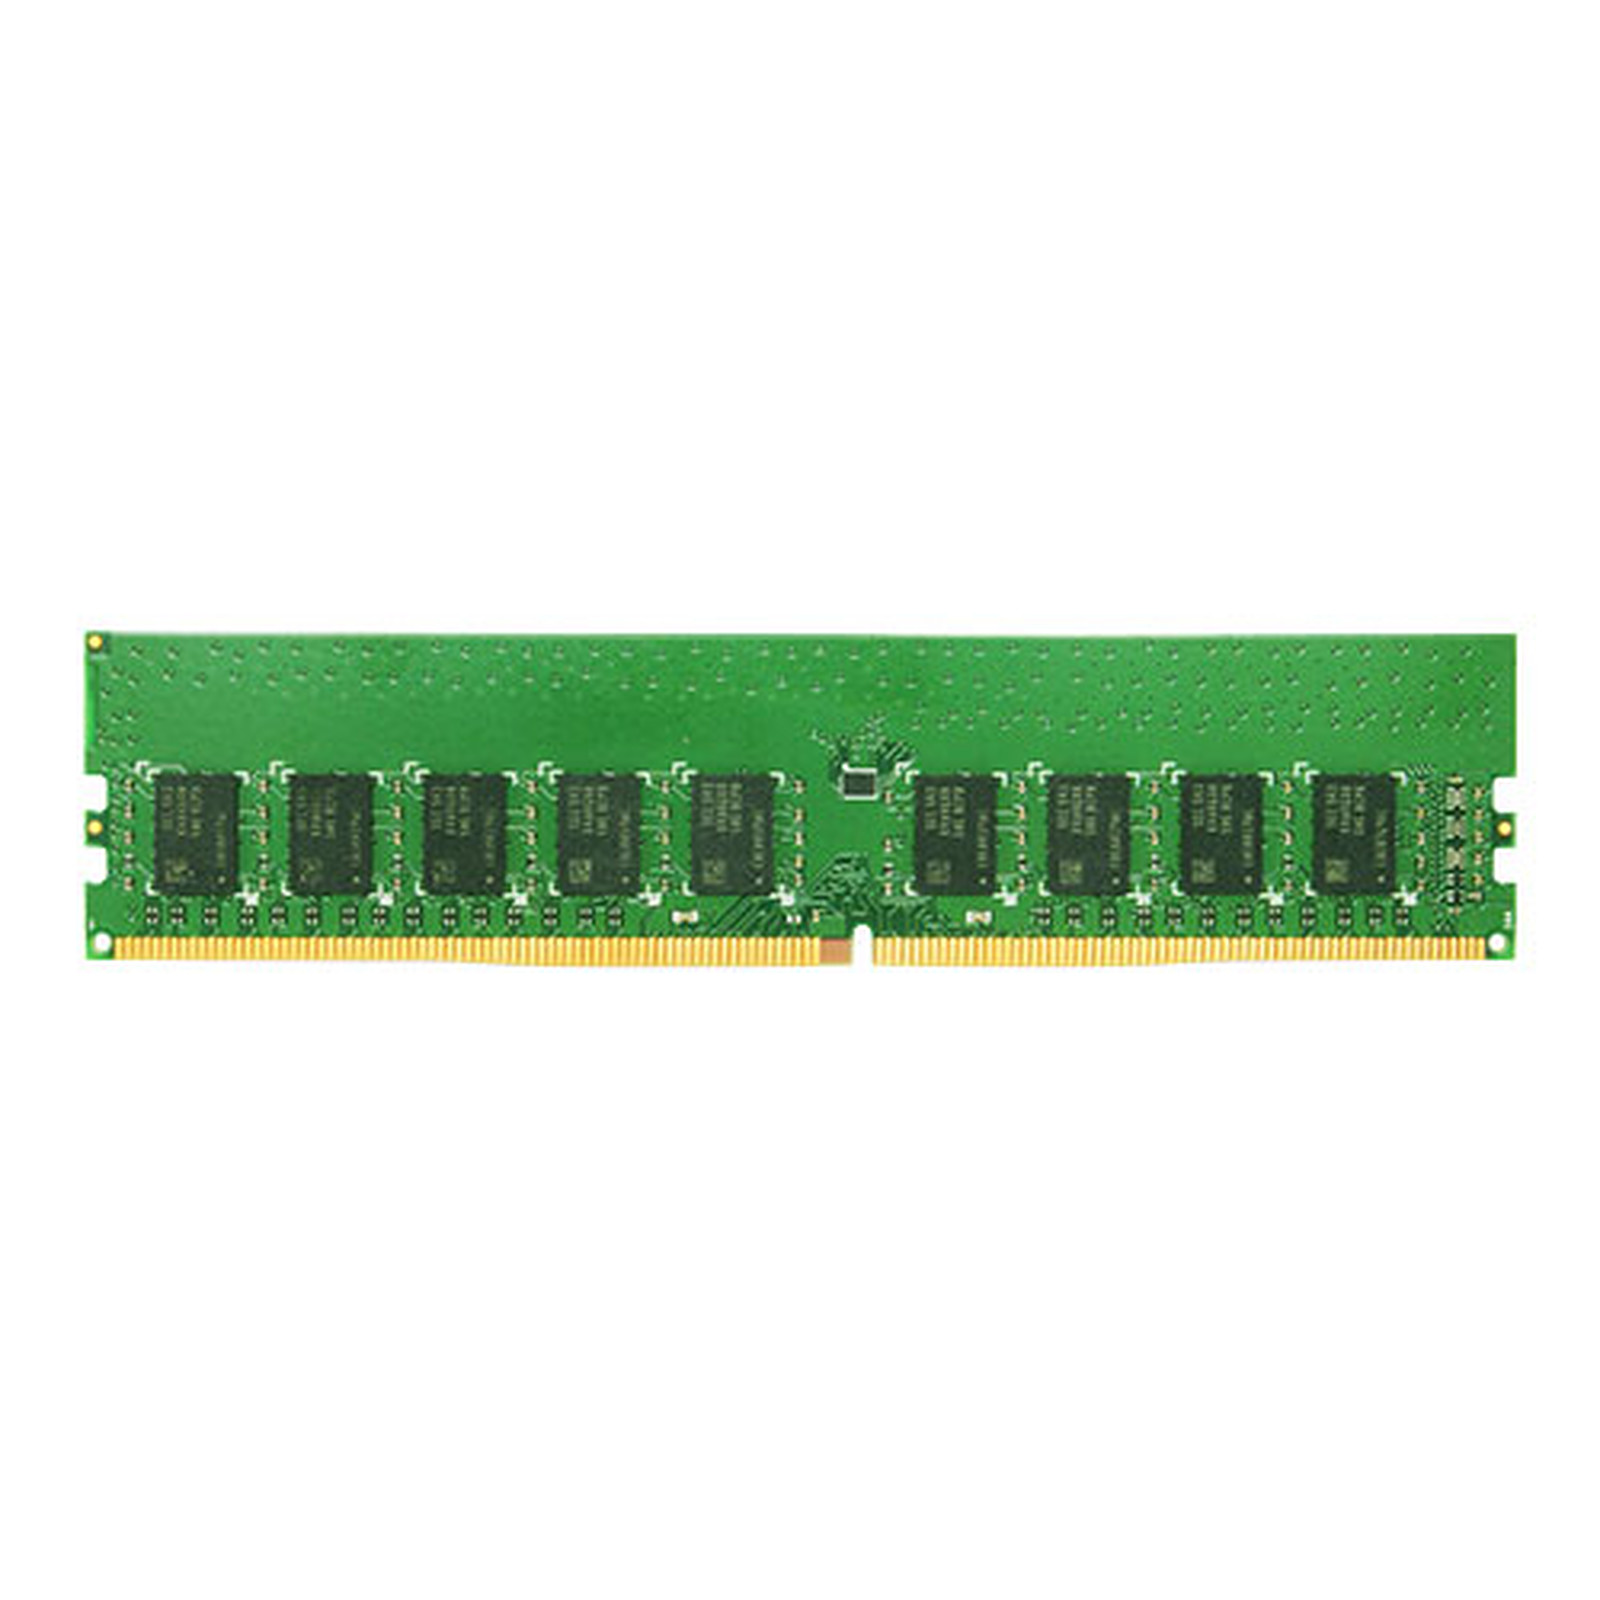 Synology 8GB (1 x 8GB) DDR4 ECC UDIMM 2666 MHz (D4EC-2666-8G)